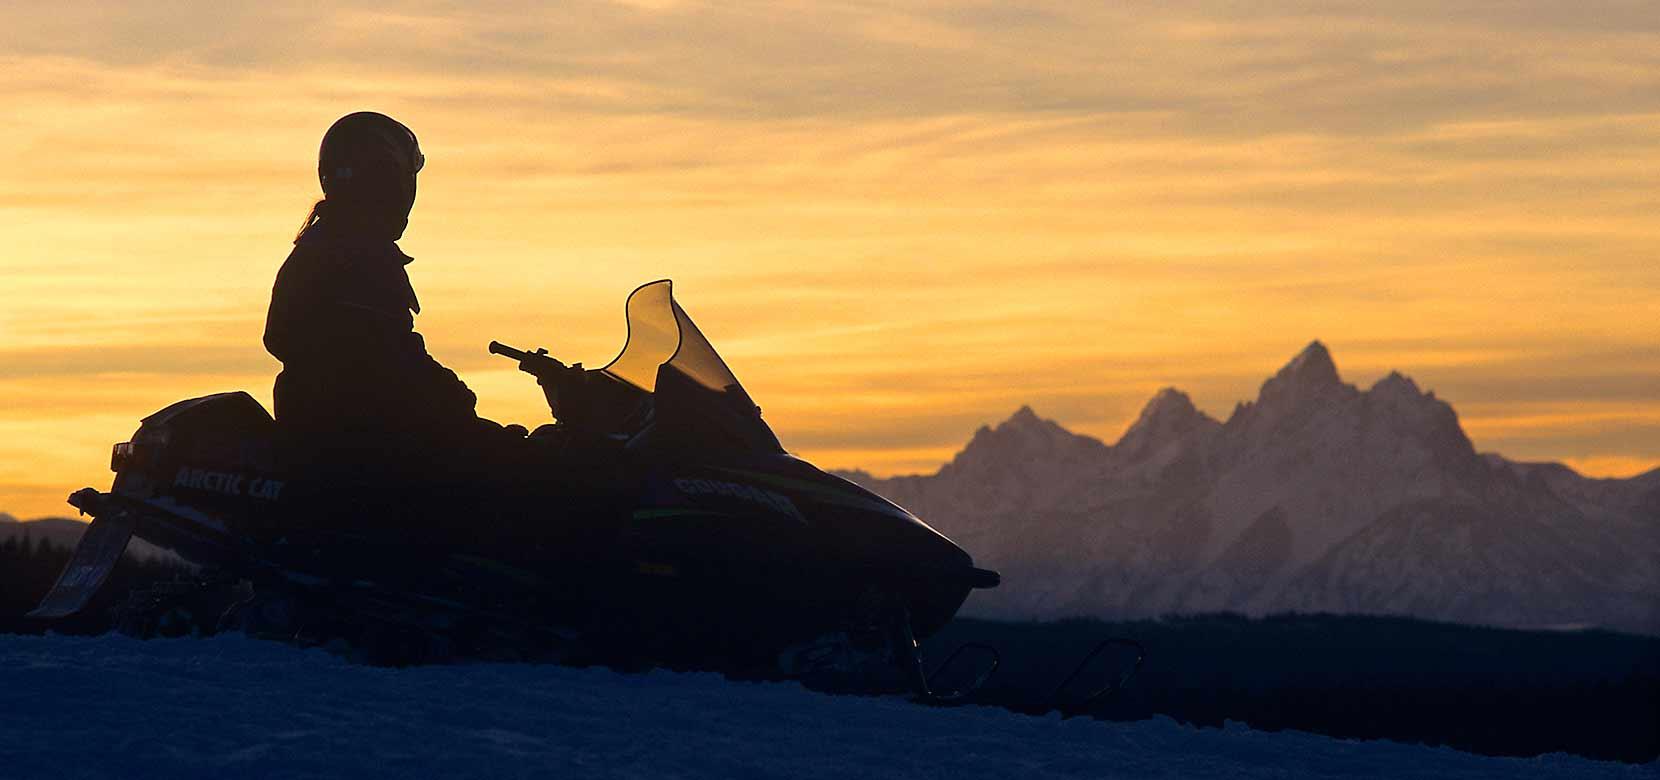 Jackson Hole Snowmobiling - Jackson Hole Traveler